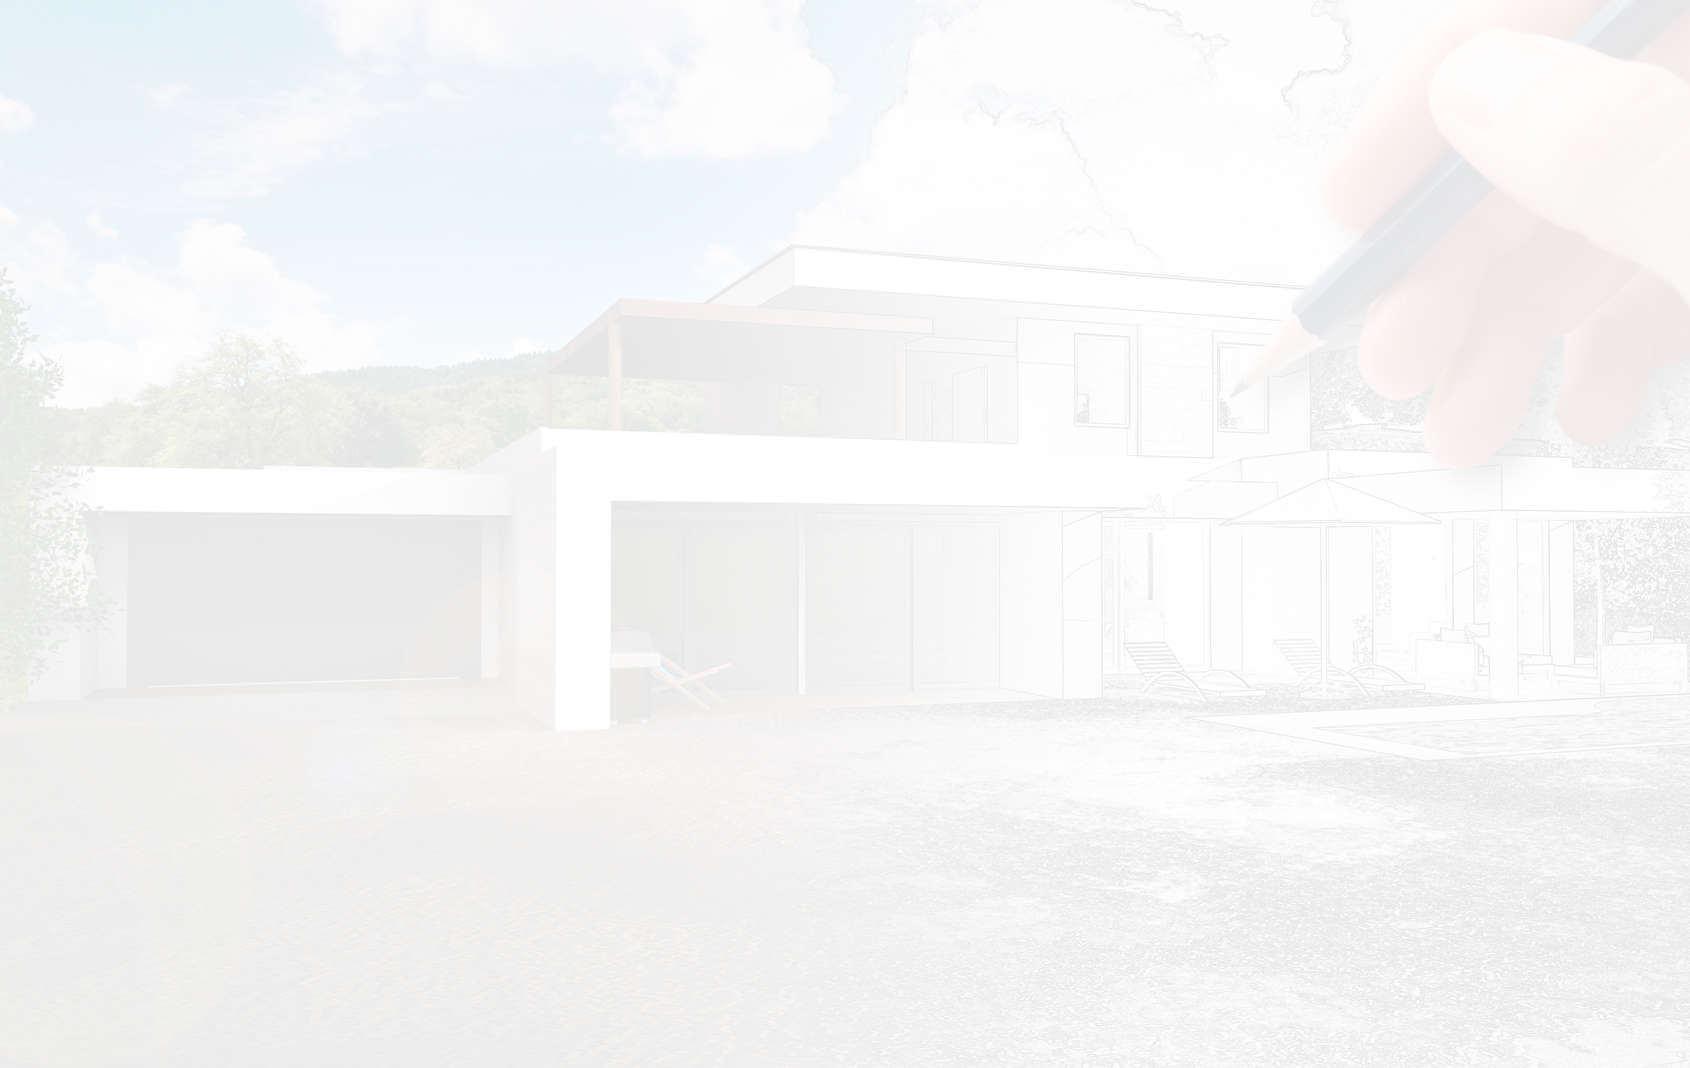 domy tlo1b -  domy_tlo1b